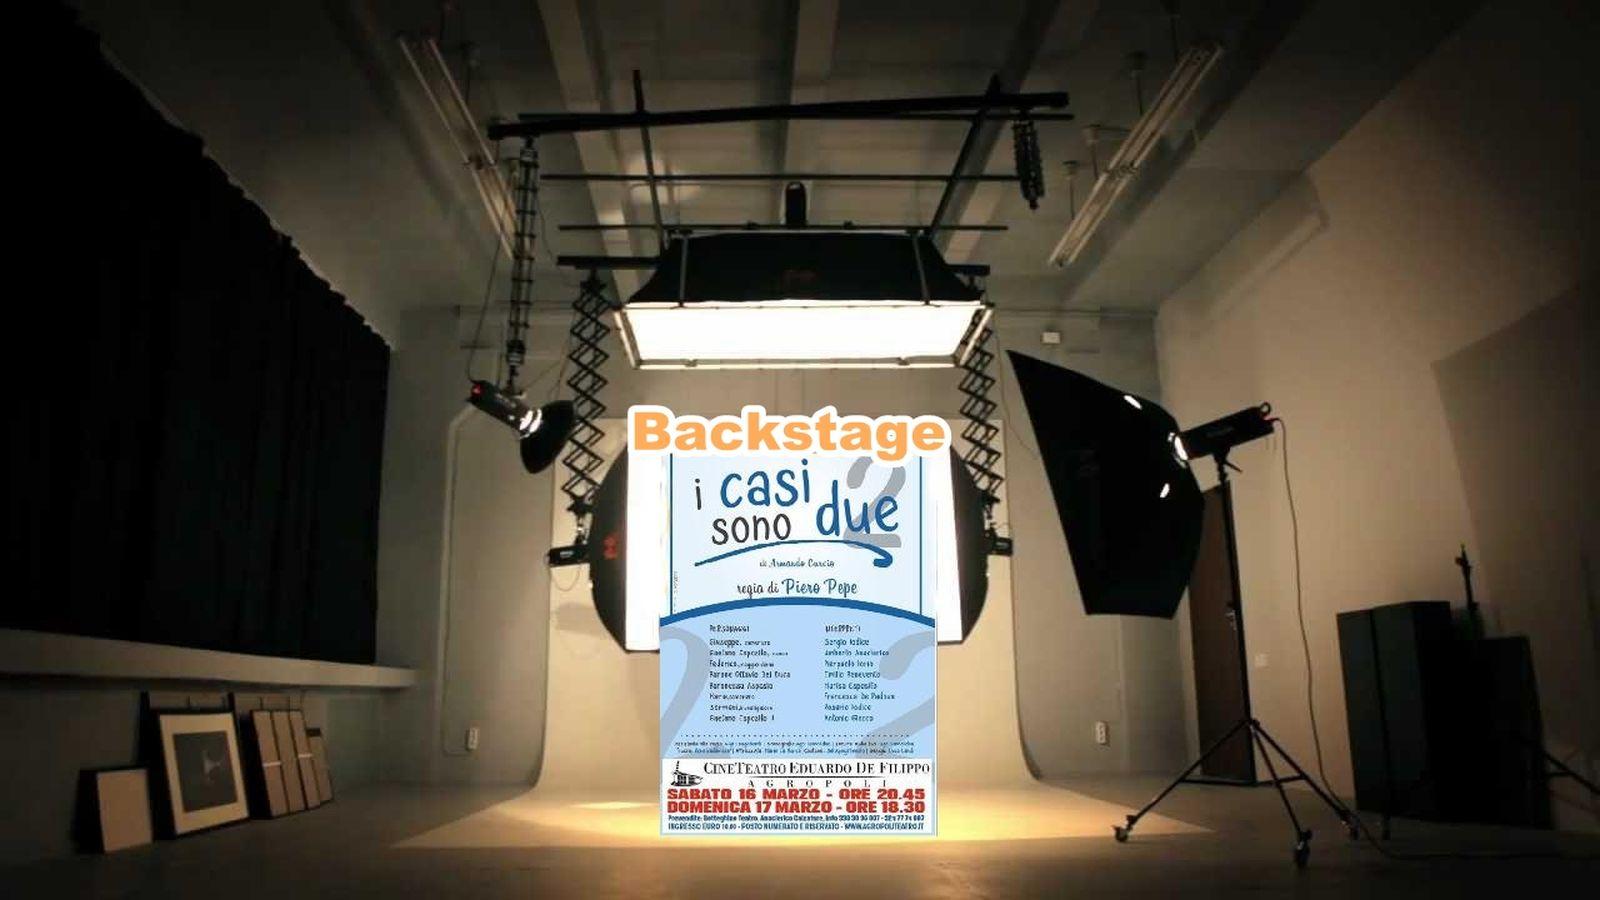 01 backstage